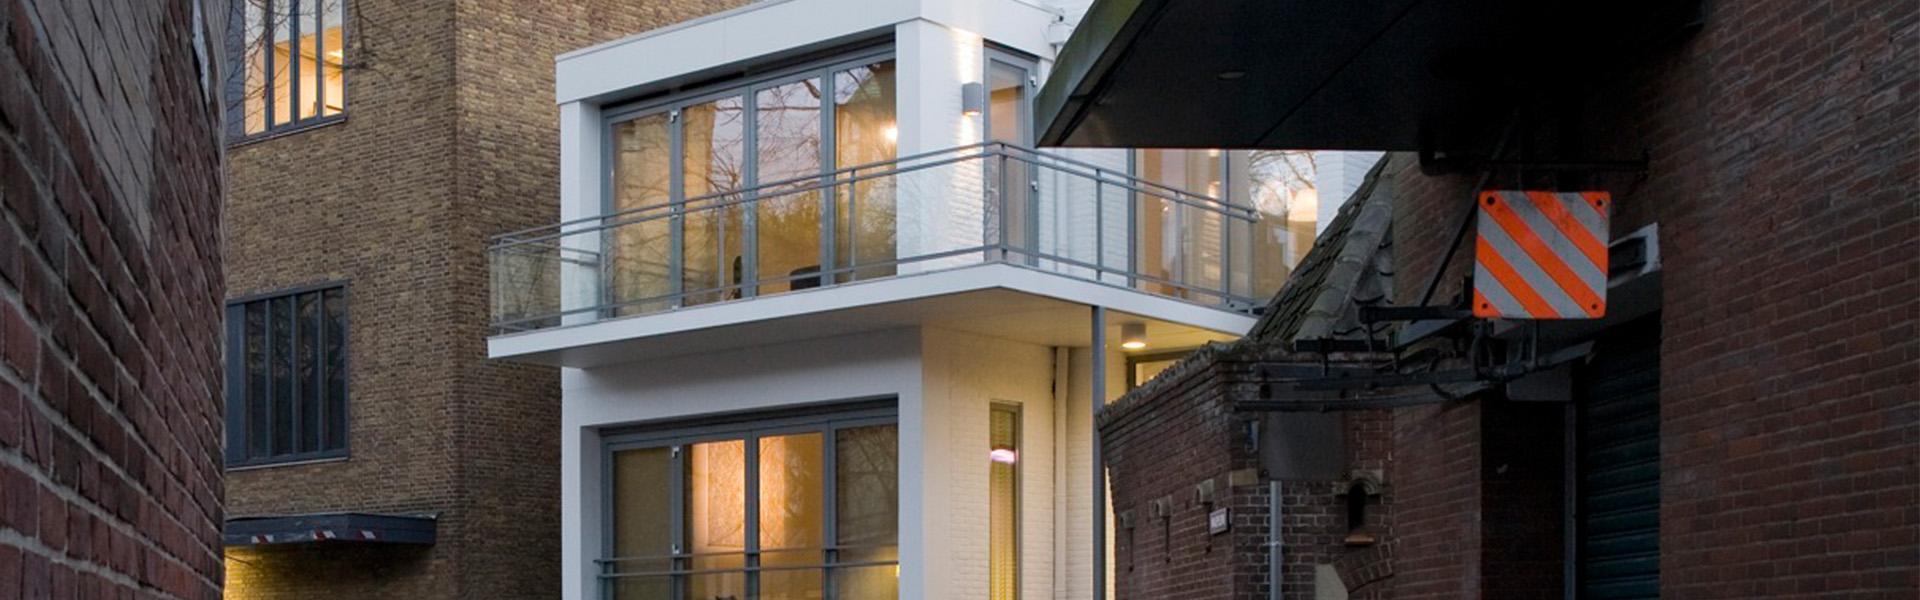 Lange Delft Middelburg - Lange Delft nu